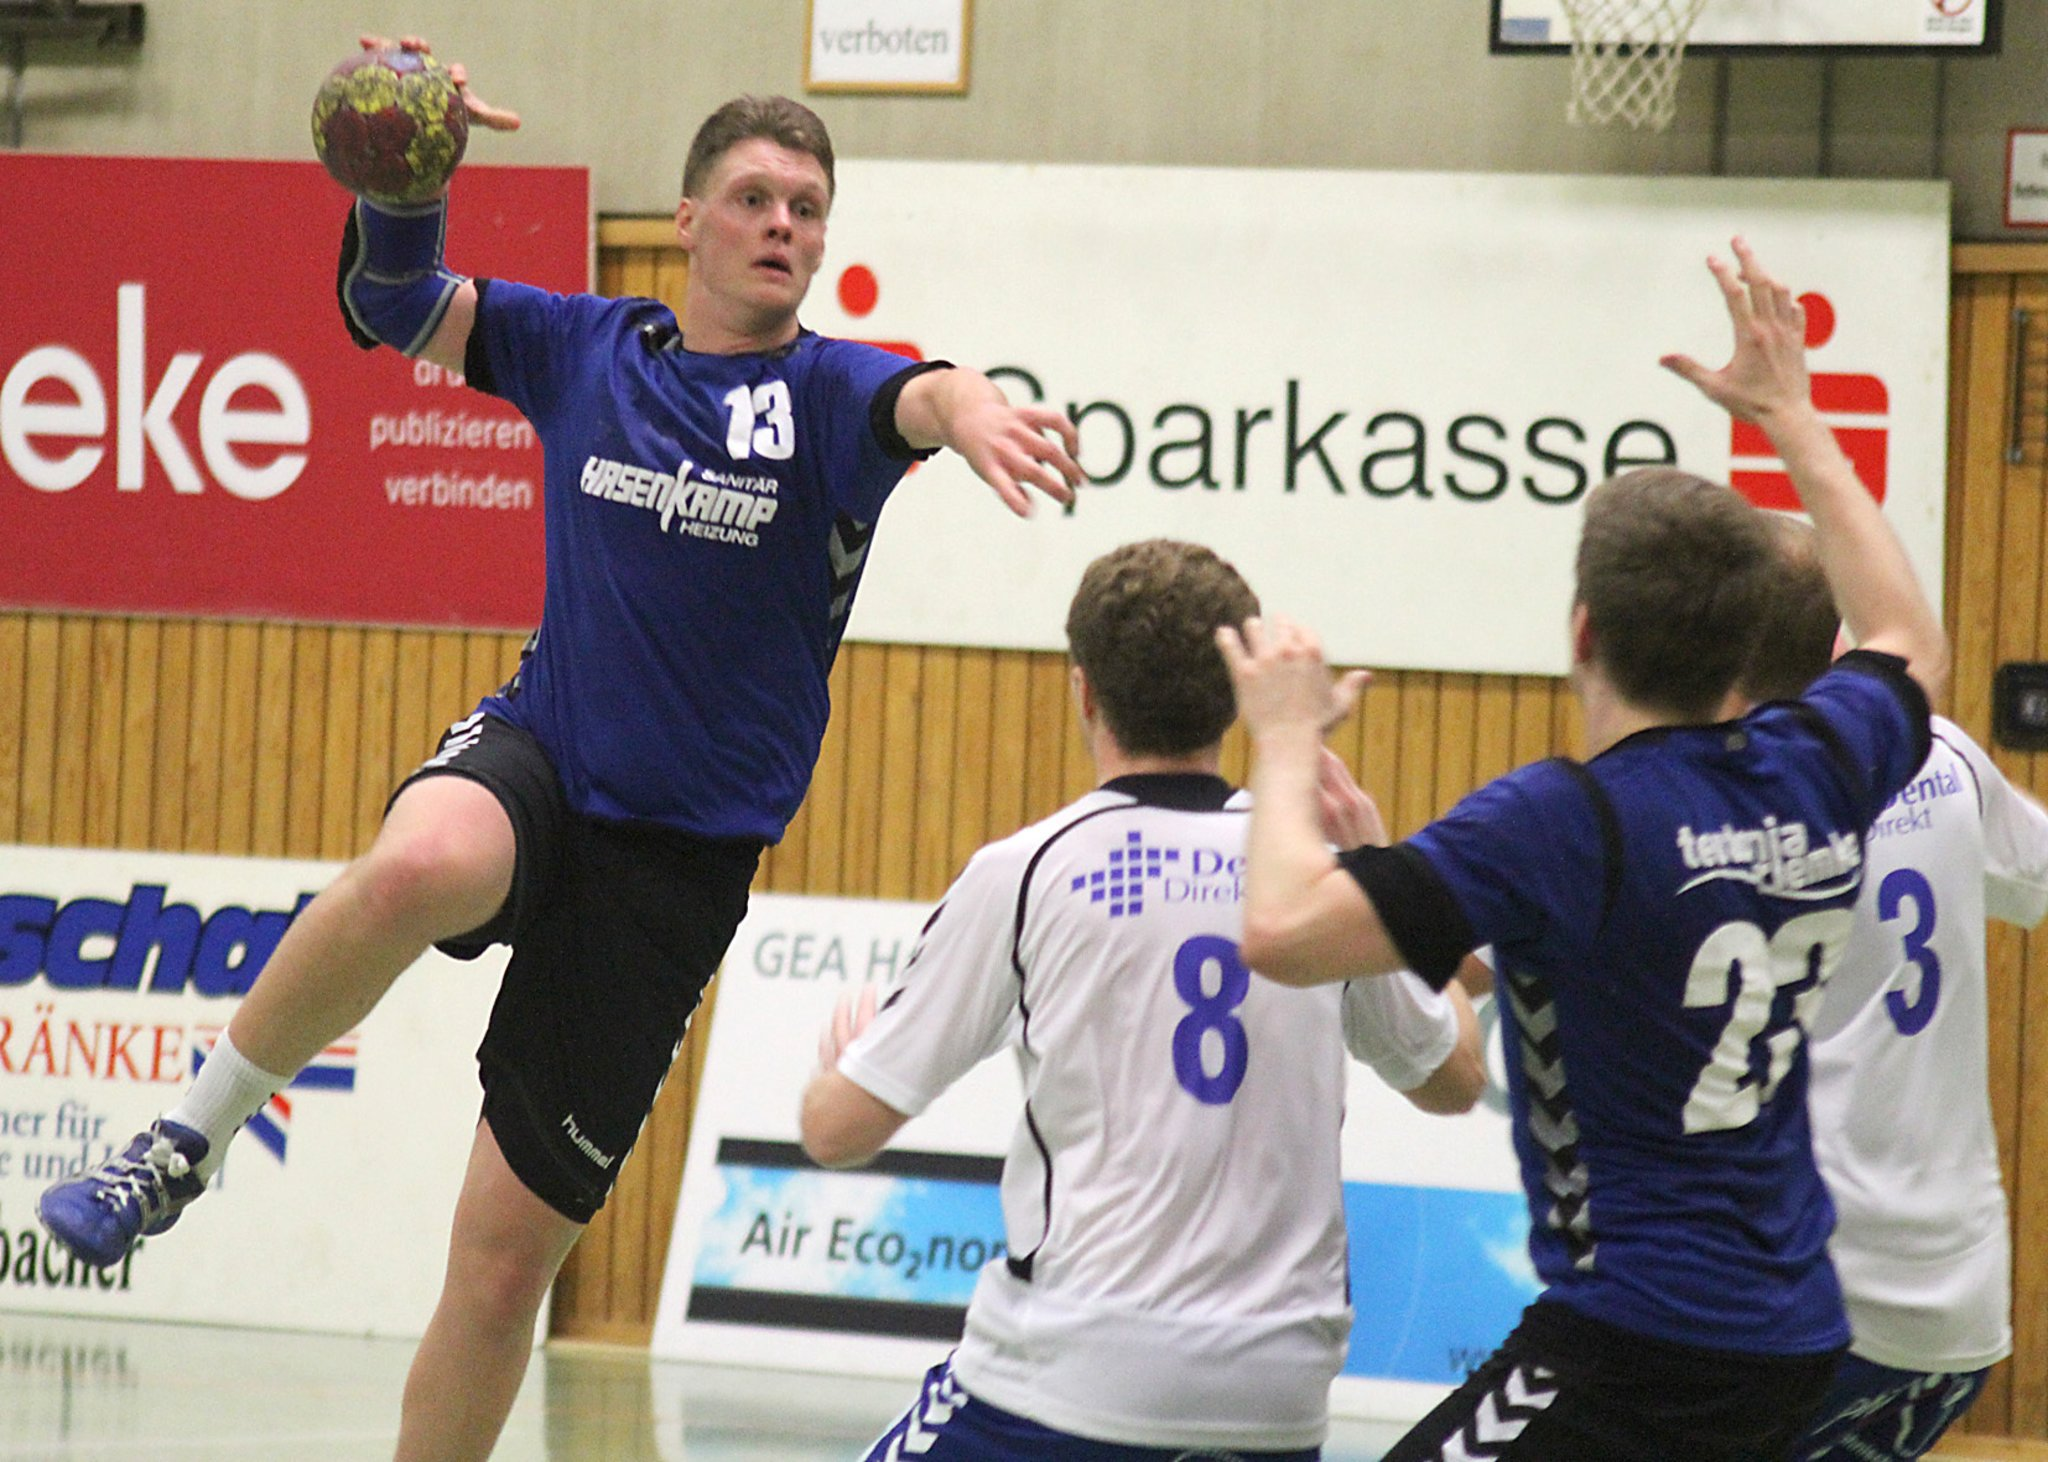 Handball Bochum